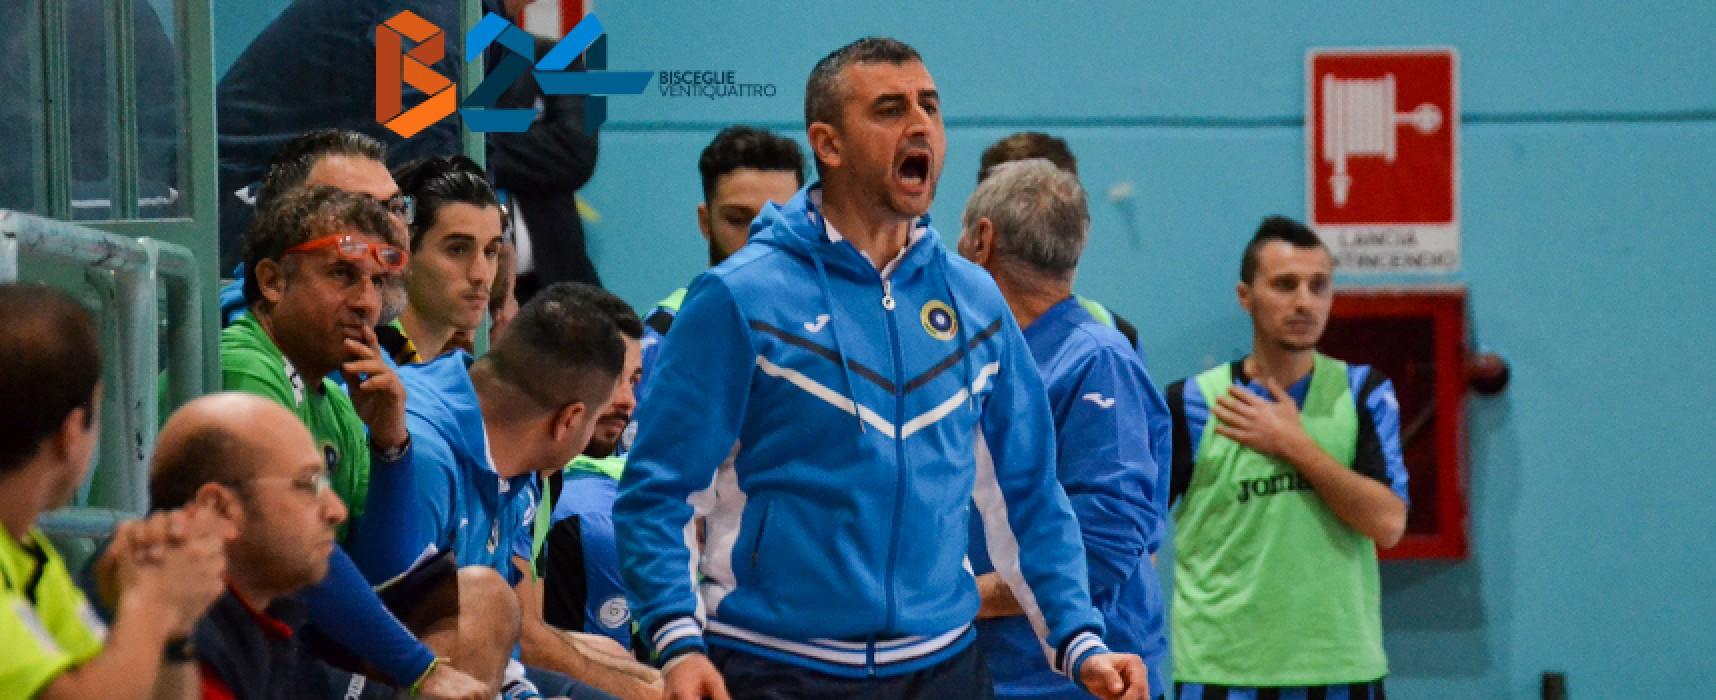 """Futsal Bisceglie, mister Ventura: """"Lavorato bene in settimana, sabato svanito tutto""""/VIDEO"""